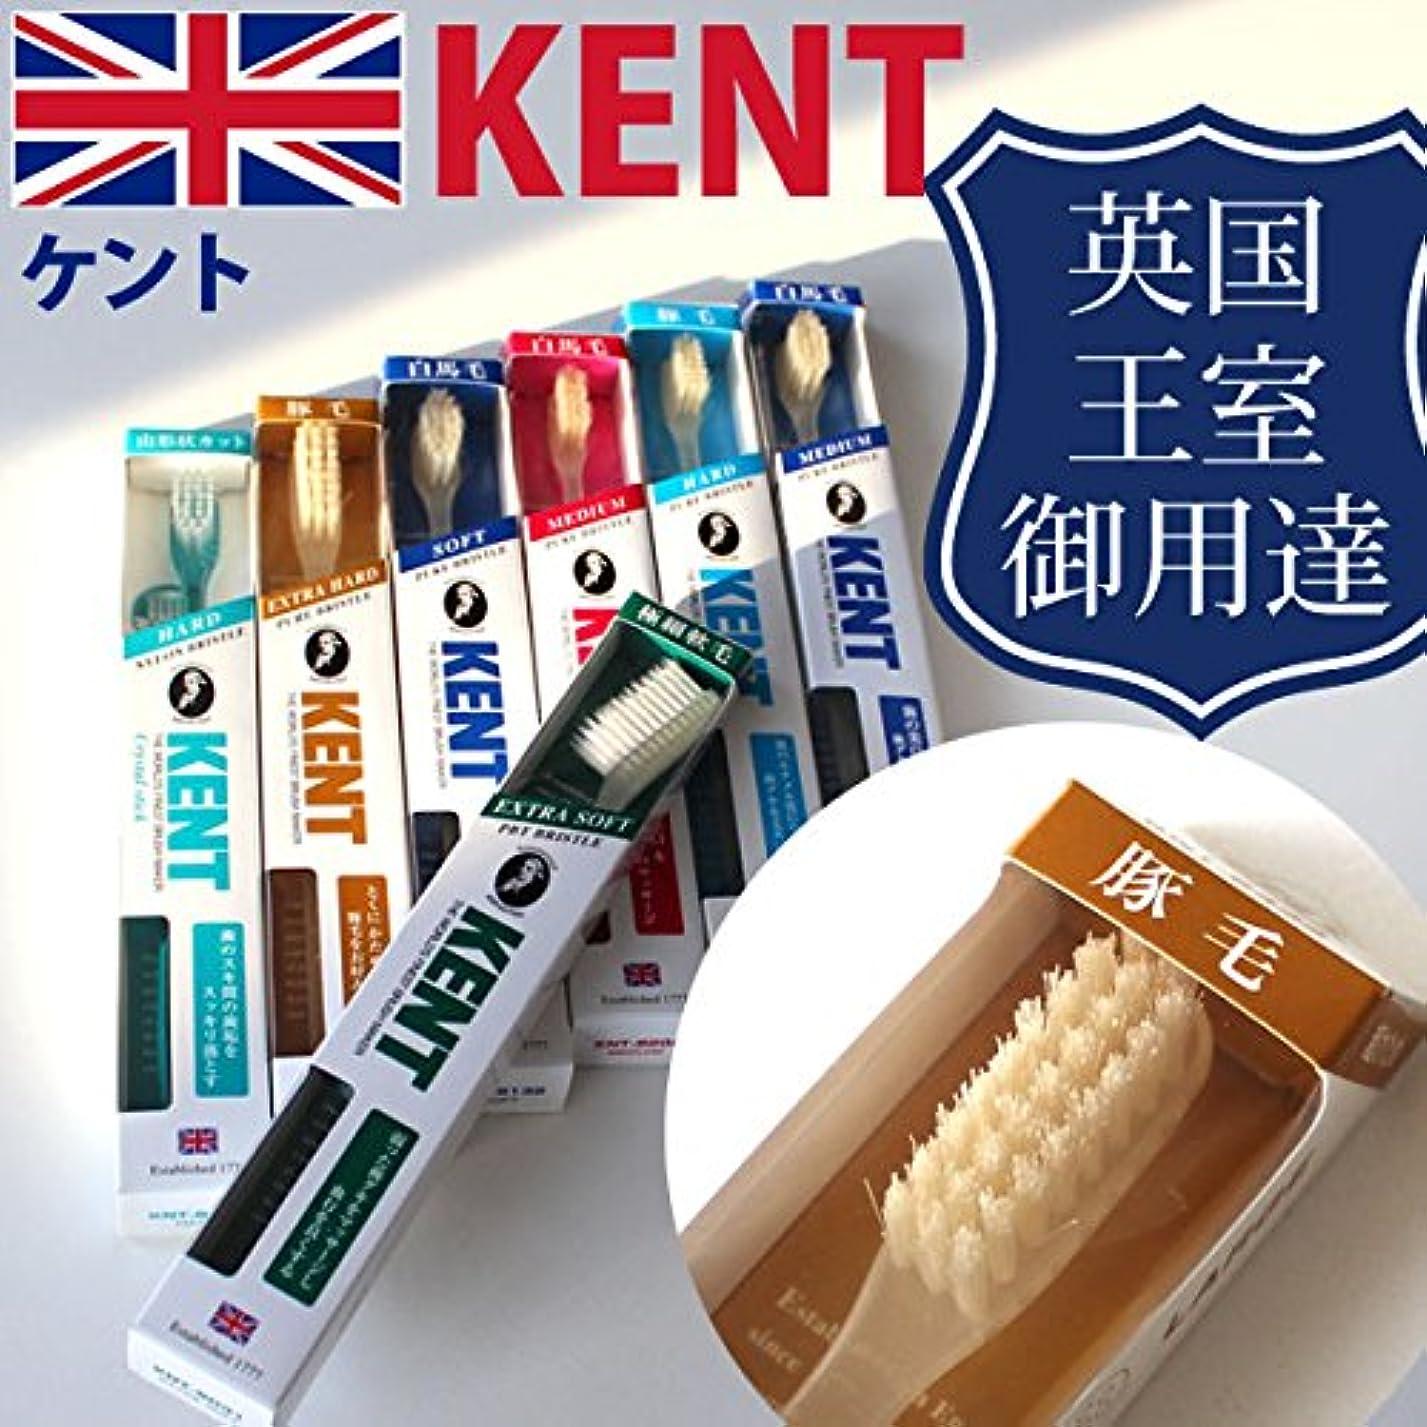 プラスチック品種役割ケント KENT 豚毛 コンパクト 歯ブラシKNT-9233/9833 6本入り 他の天然毛の歯ブラシに比べて細かく磨 ふつう